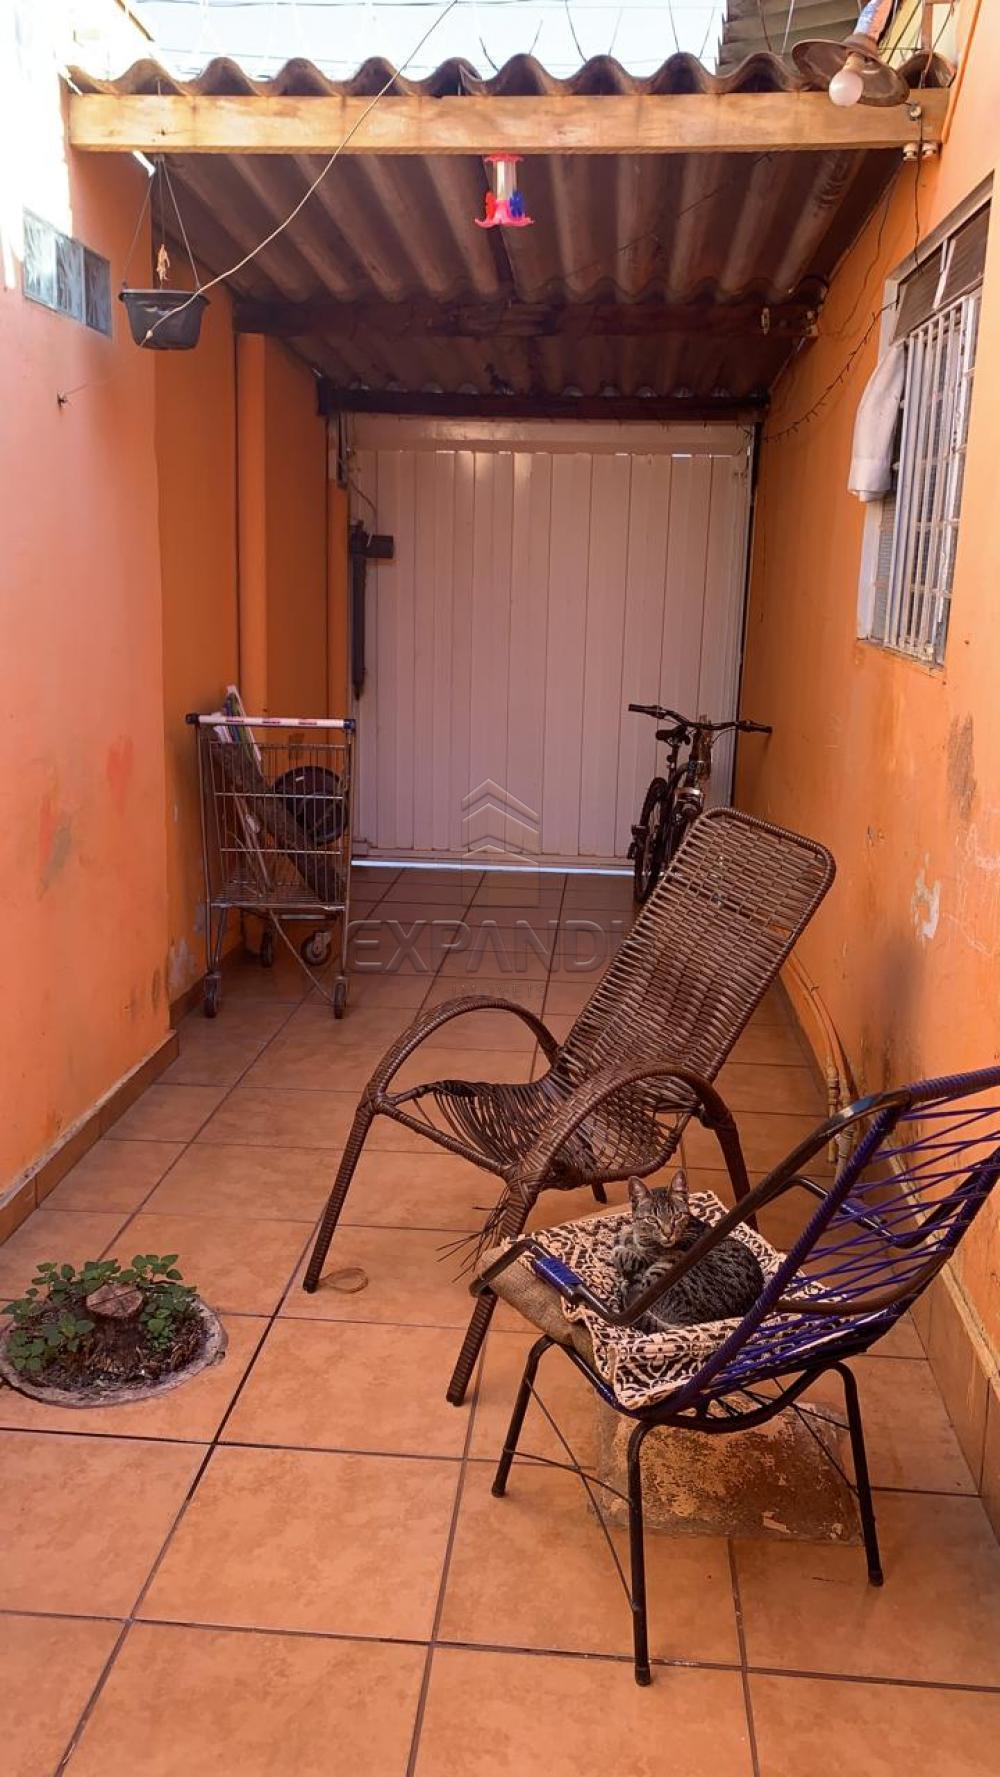 Comprar Casas / Padrão em Sertãozinho R$ 115.000,00 - Foto 8